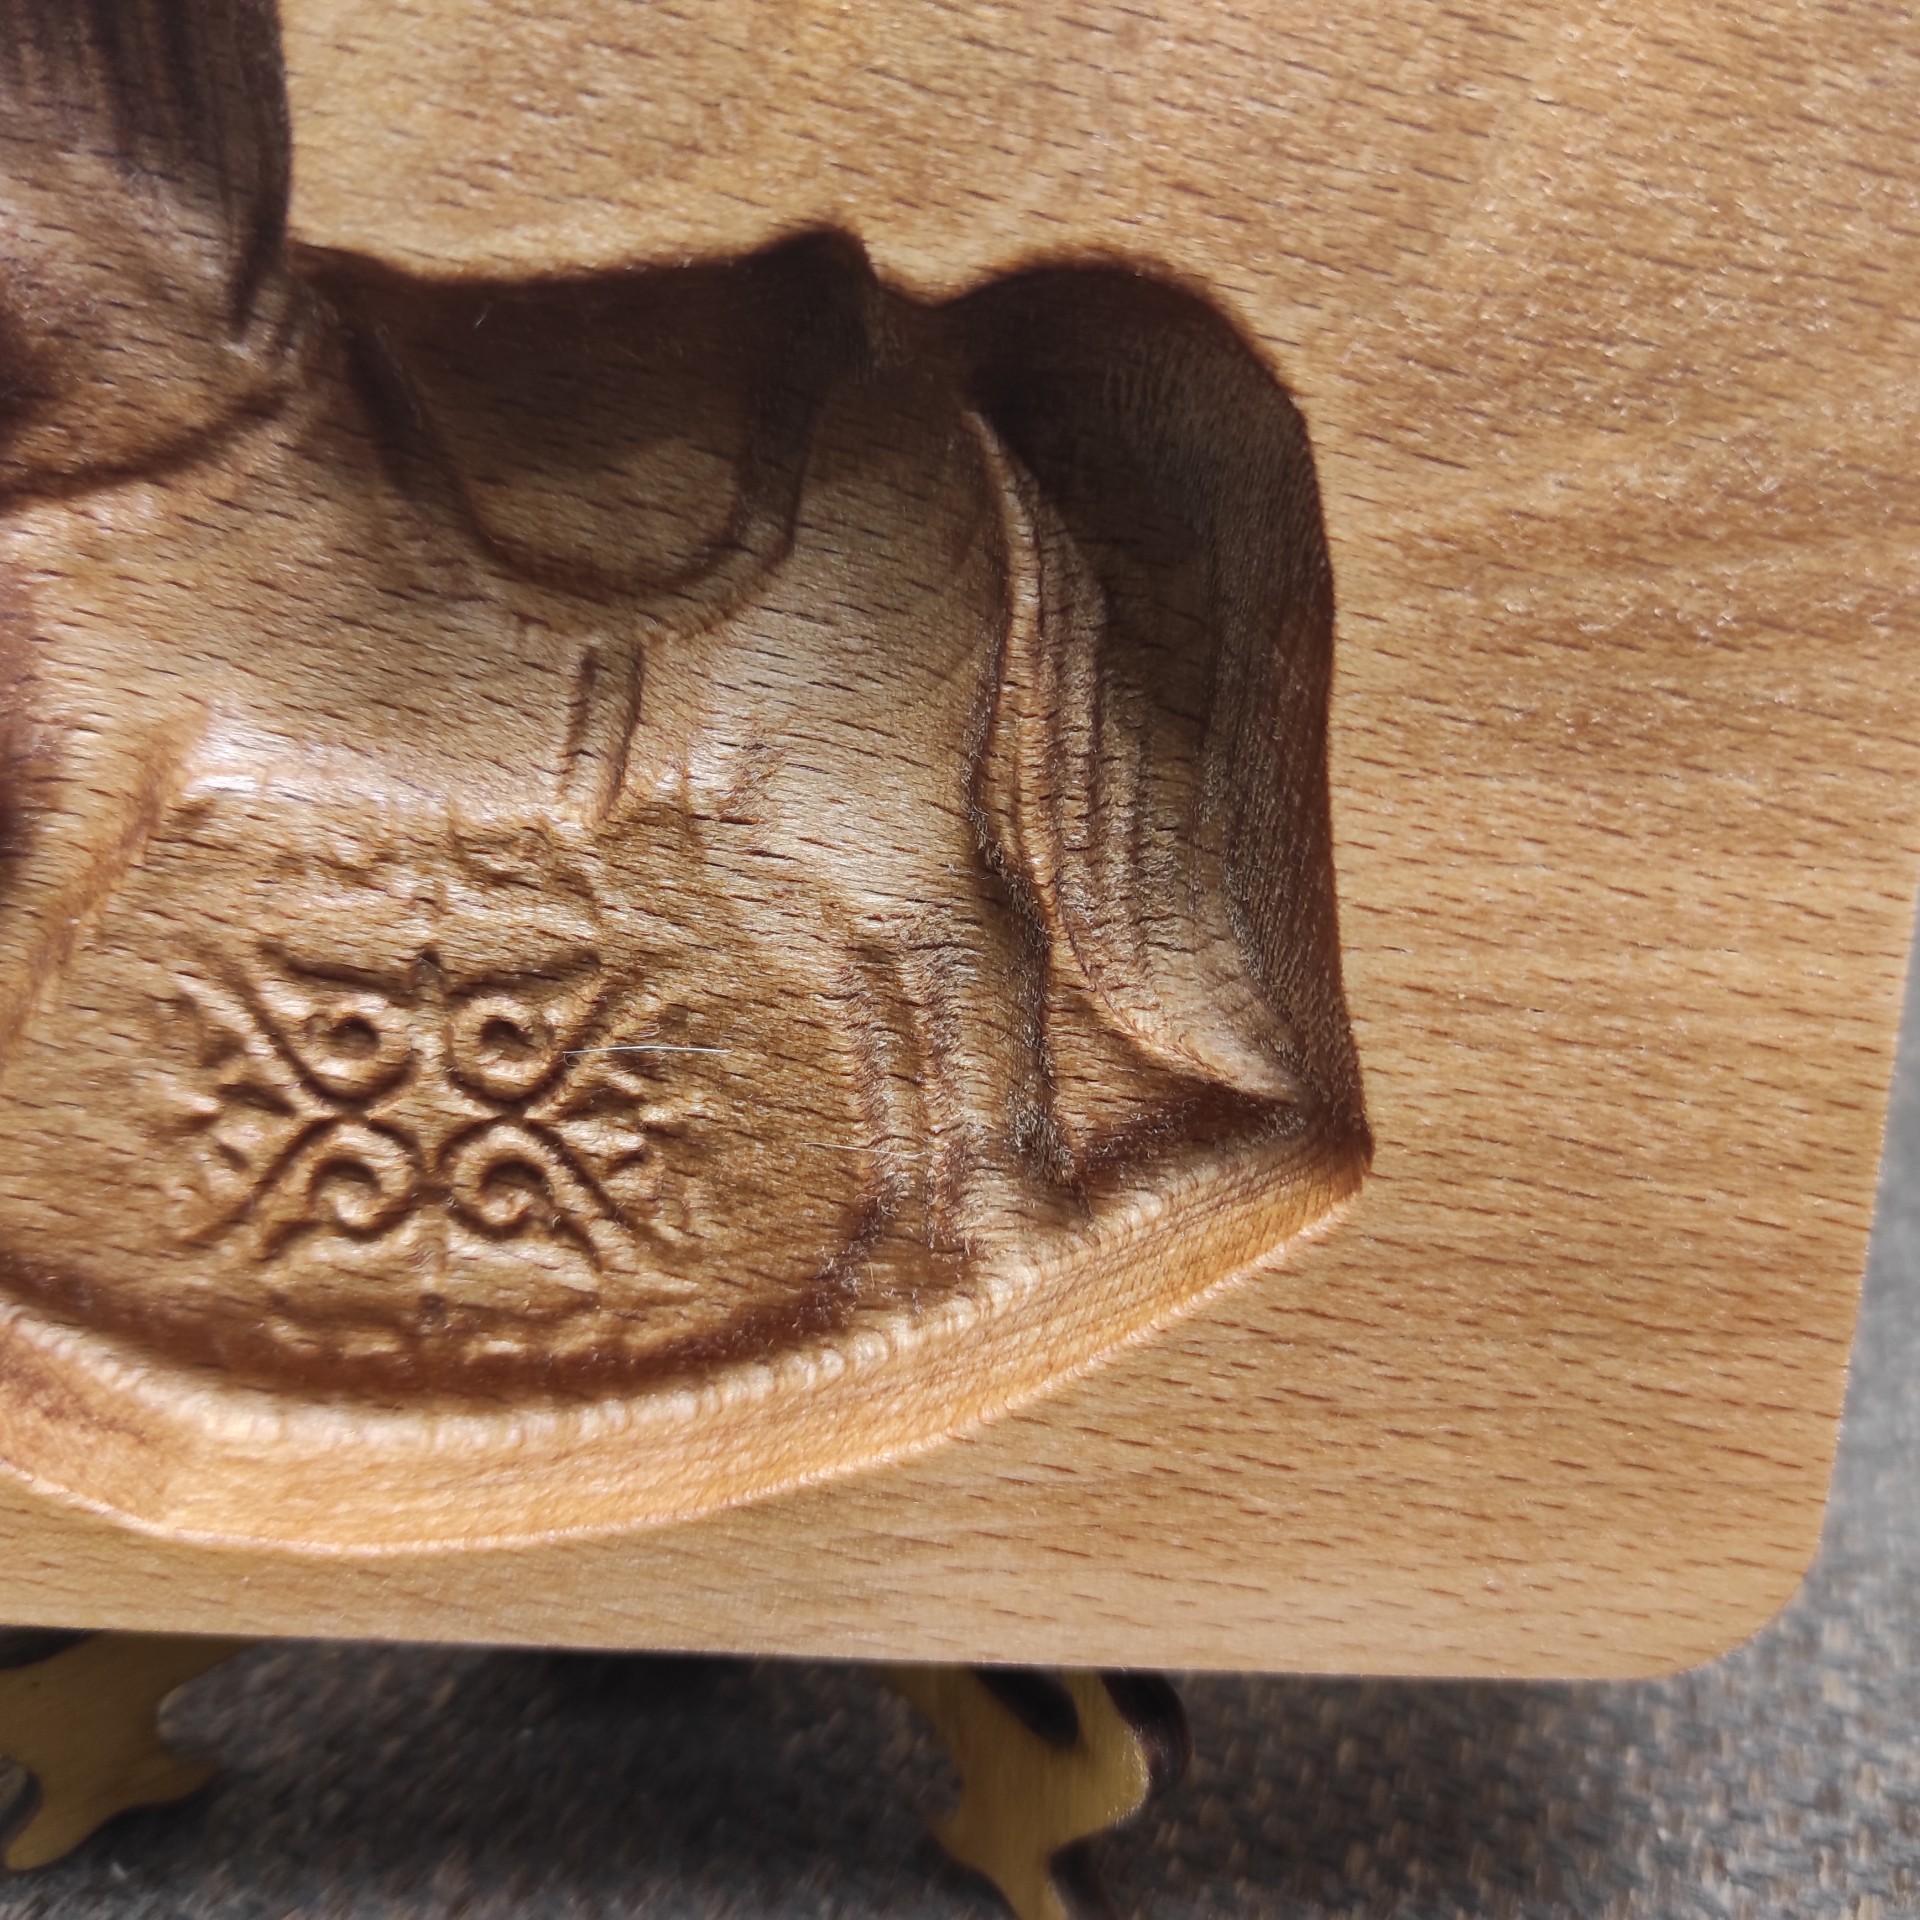 Фото пряничной формы в виде лошадки у хвоста